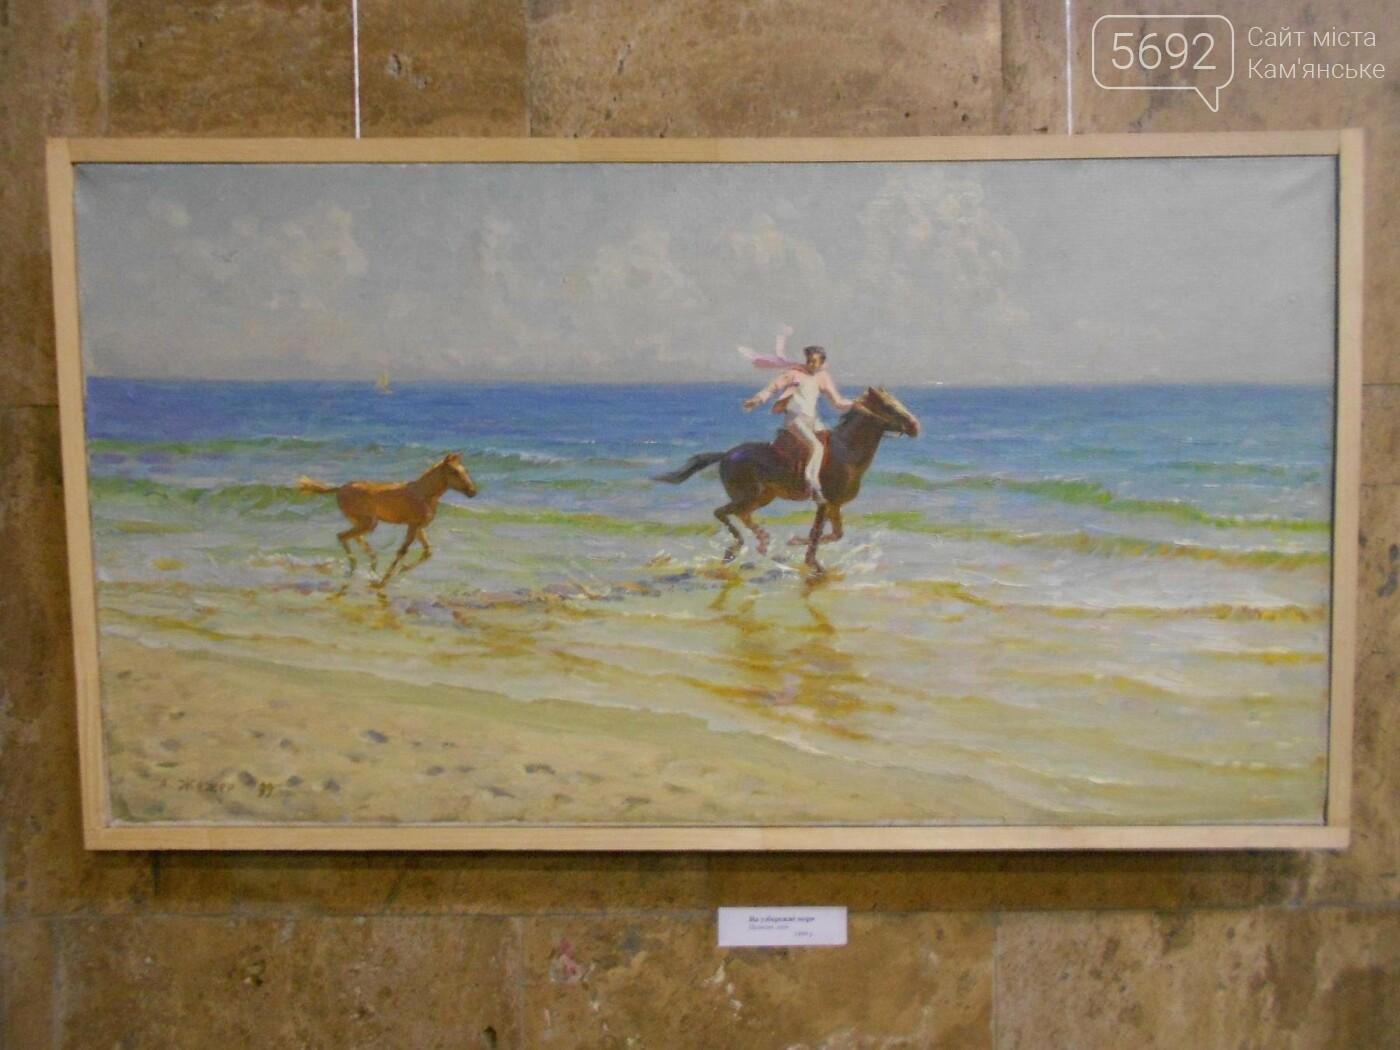 В Каменском открылась юбилейная выставка известного художника Анатолия Жежера, фото-12